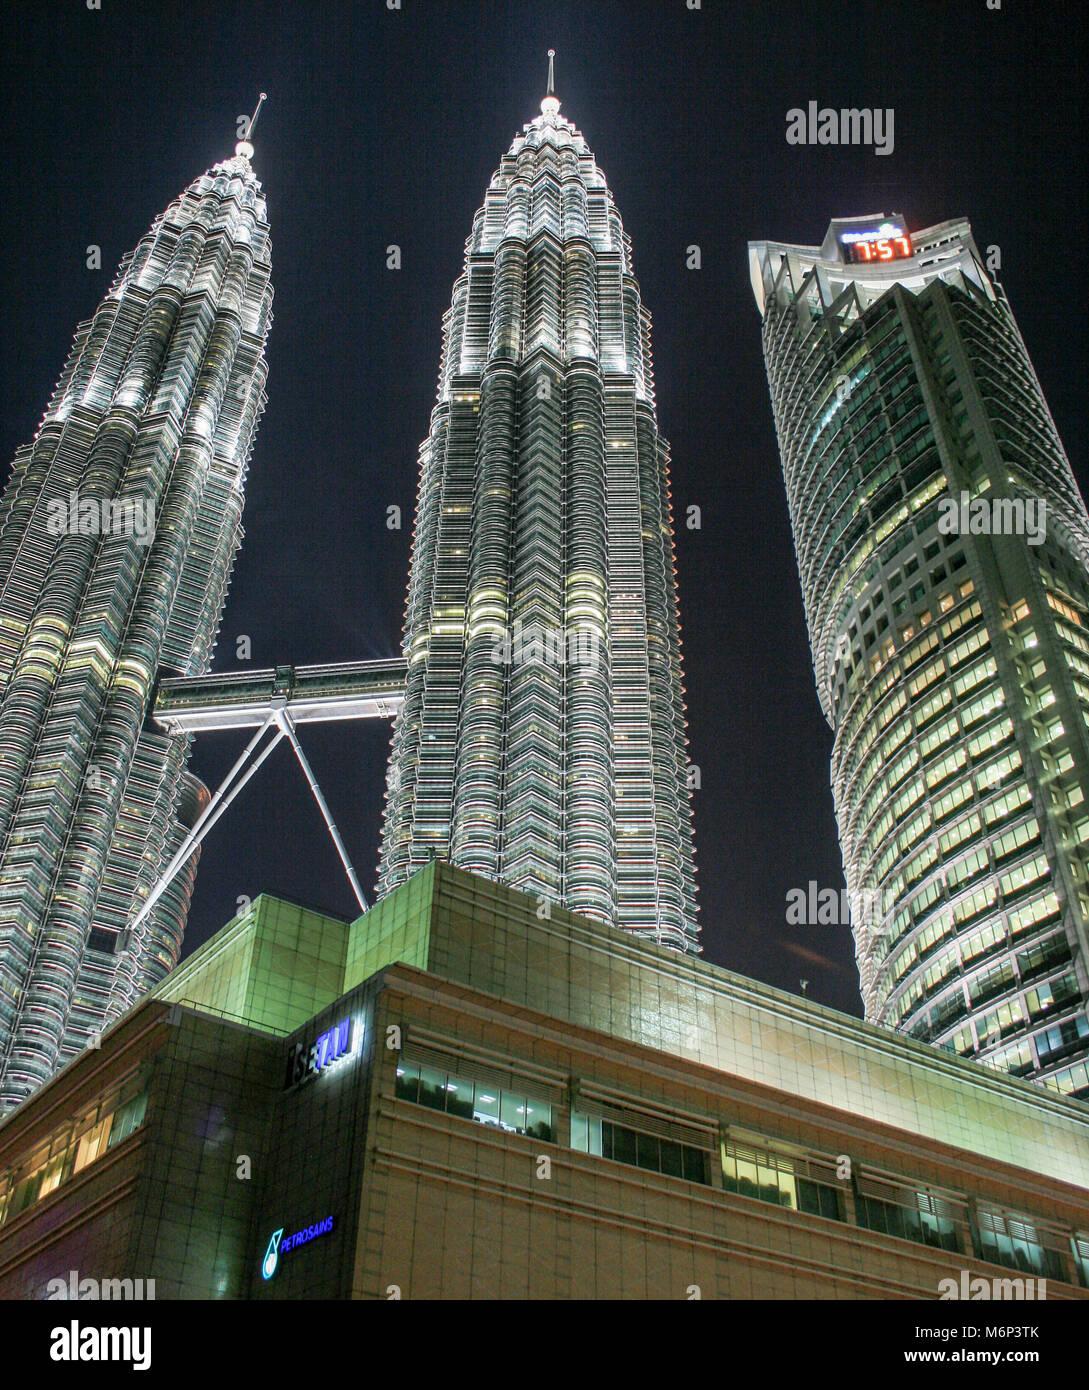 El centro comercial Suria, Torres Petronas, centro de la ciudad de Kuala Lumpur (KLCC), Kuala Lumpur, Malasia Imagen De Stock